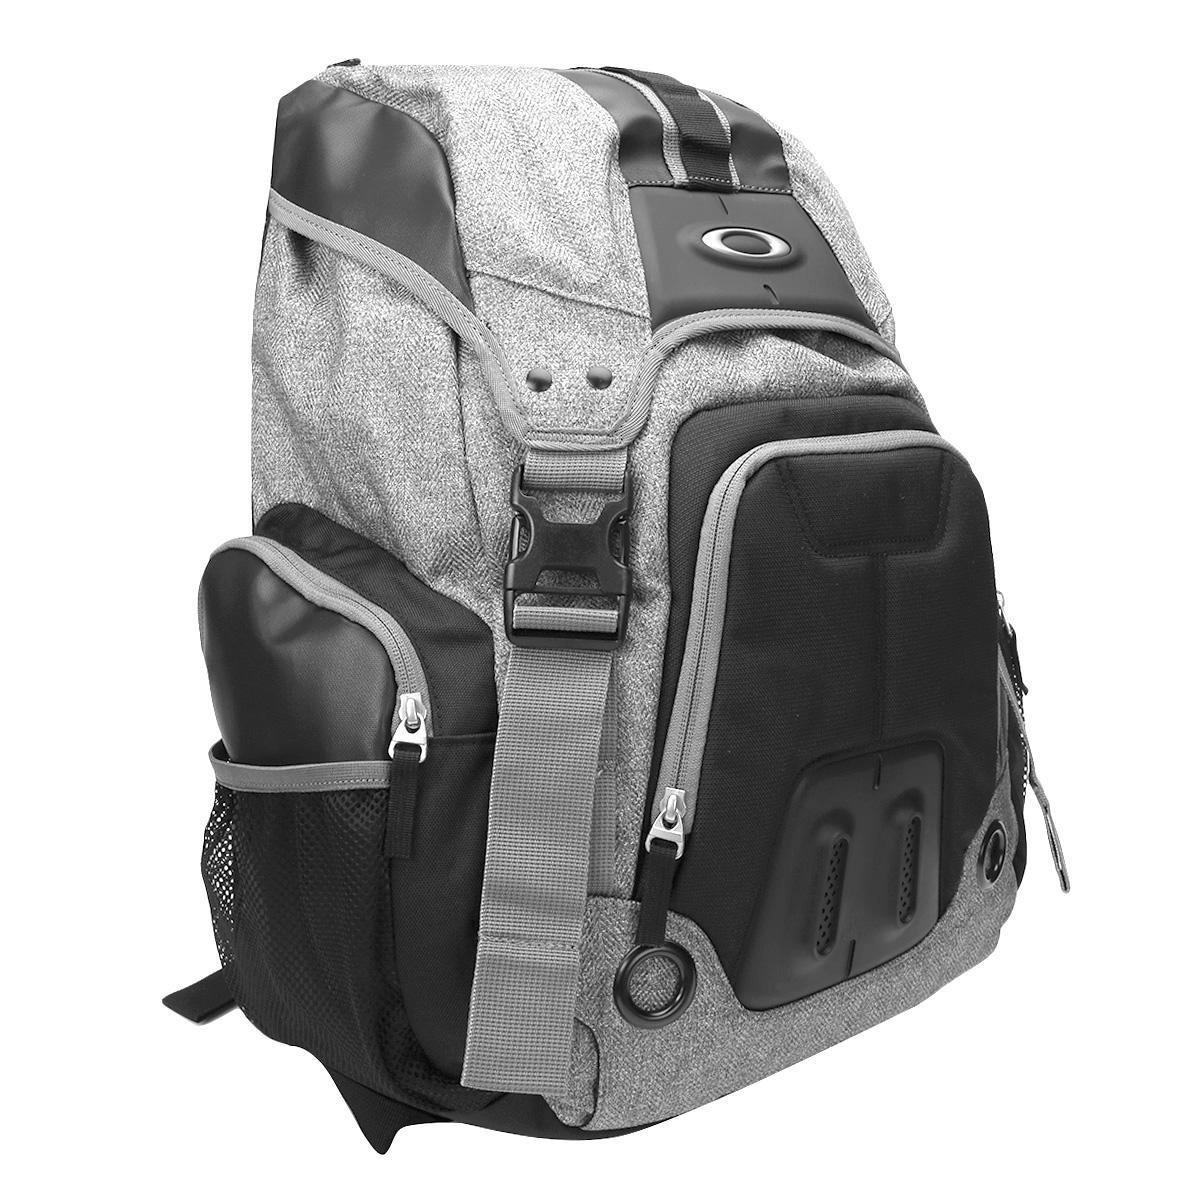 Mochila Oakley Gearbox LX Plus - Compre Agora  fc64fc08e06